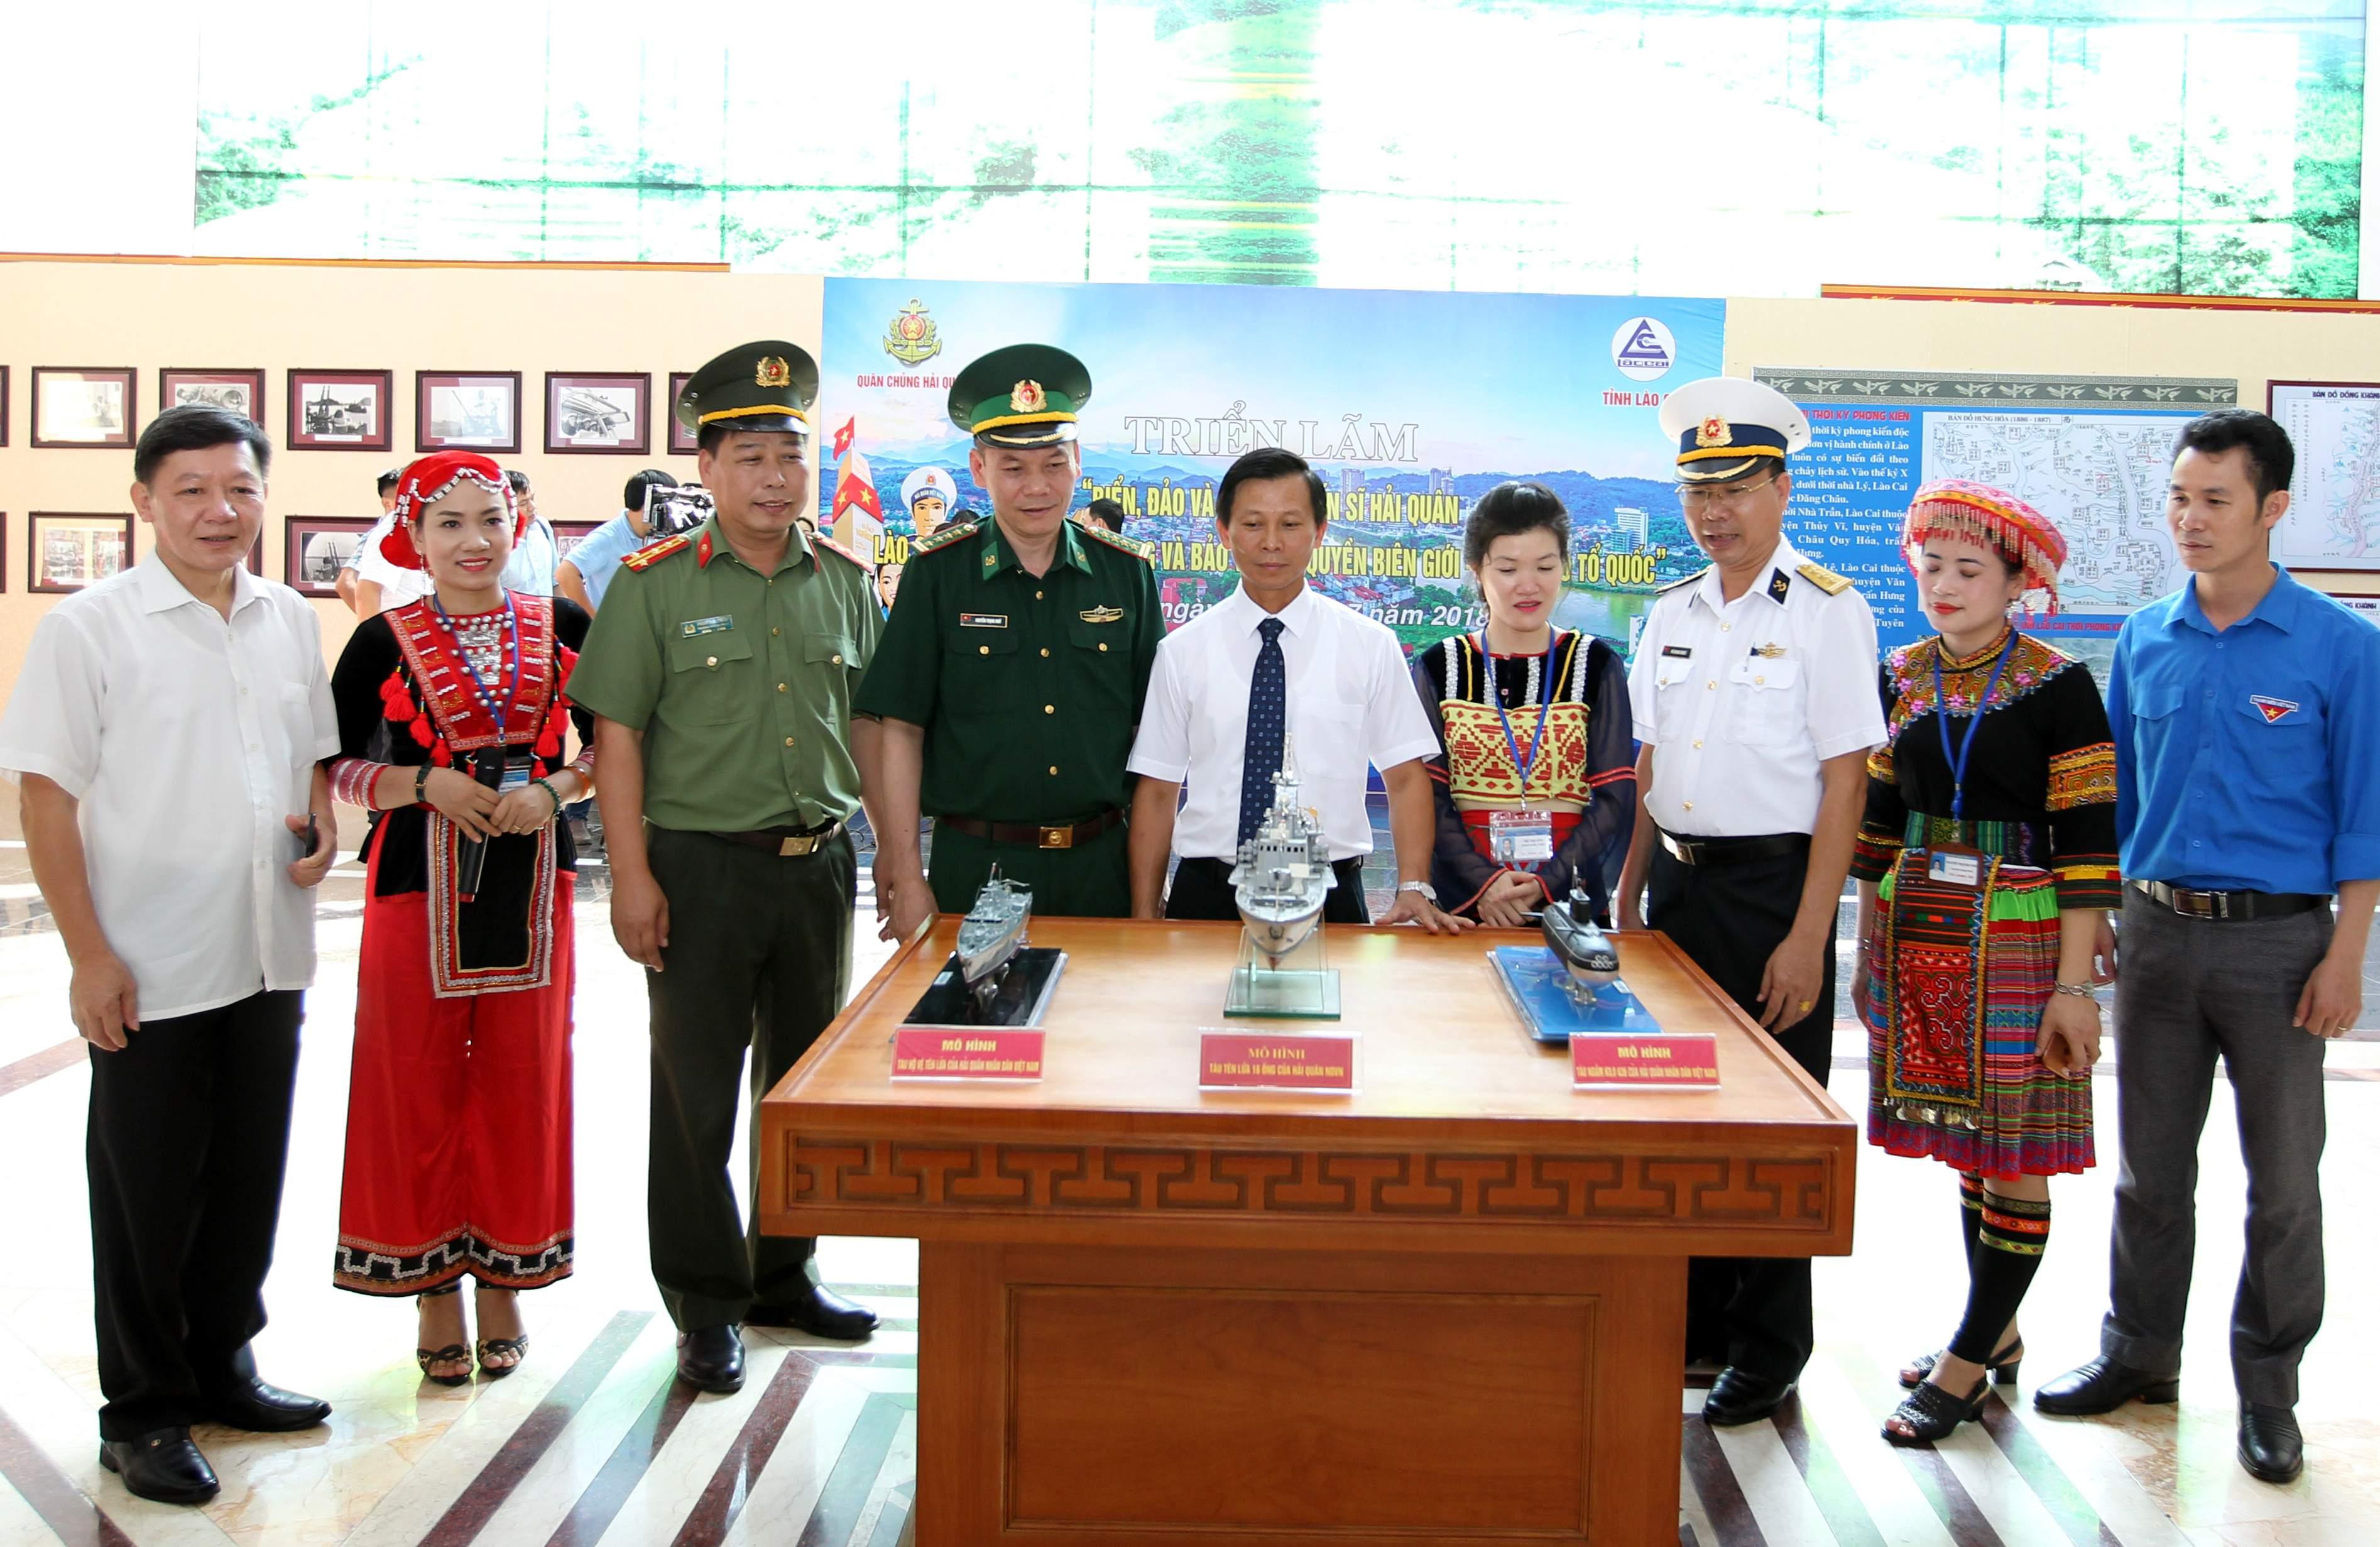 """Lào Cai: Triển lãm """"Biển, đảo và người chiến sĩ Hải quân"""""""